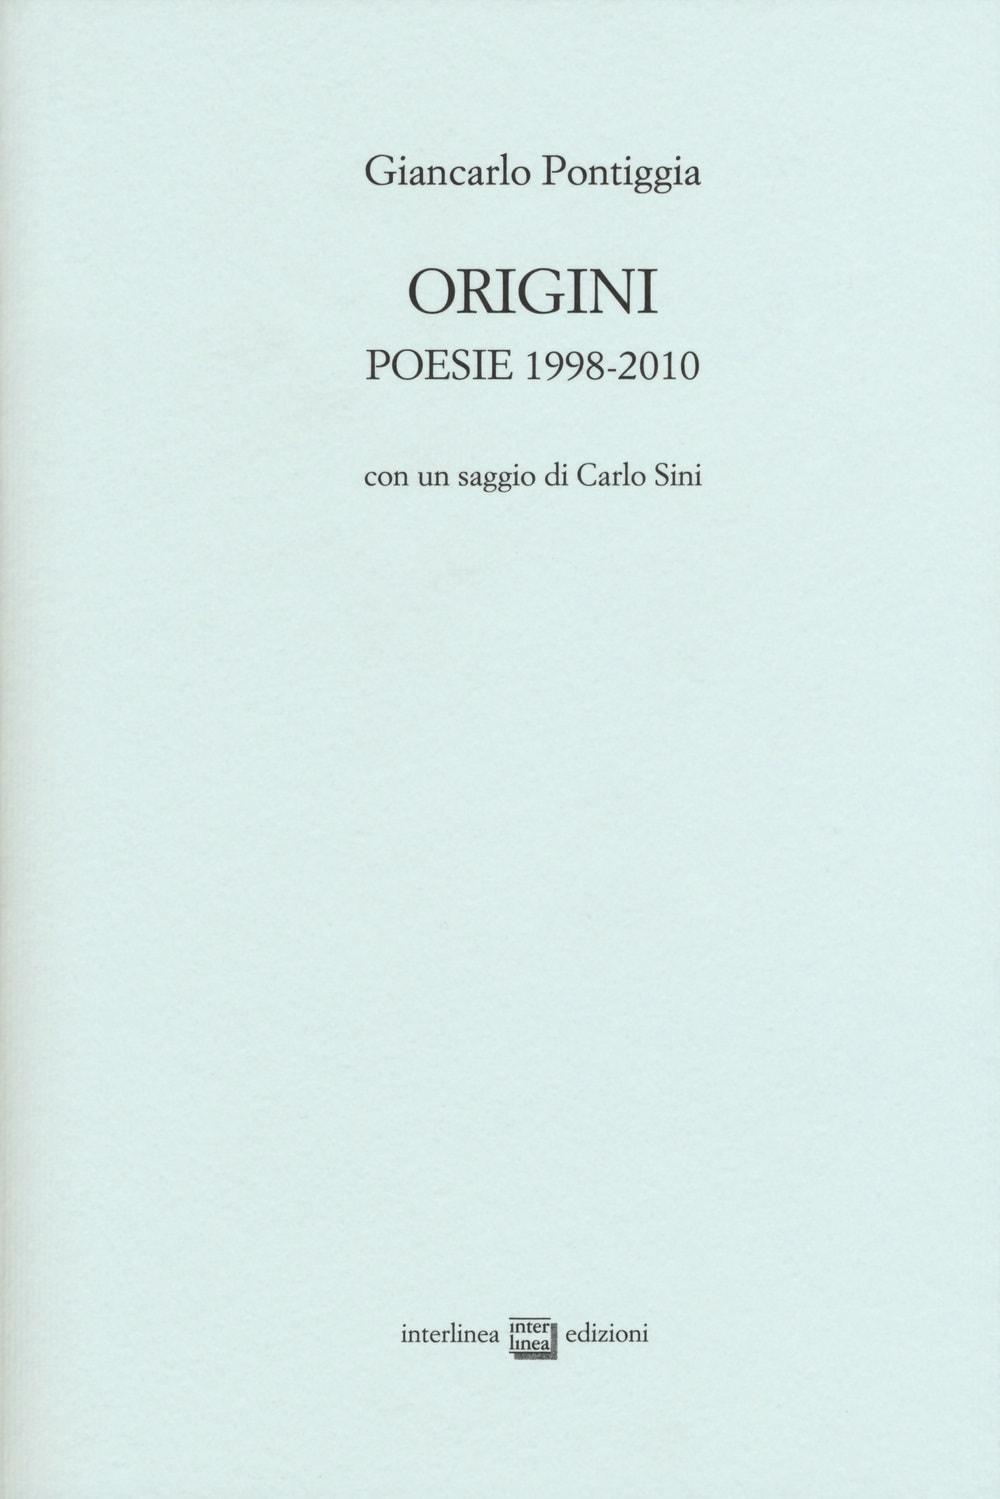 Origini - Poesie 1998-2010 di Giancarlo Pontiggia Interlinea-min